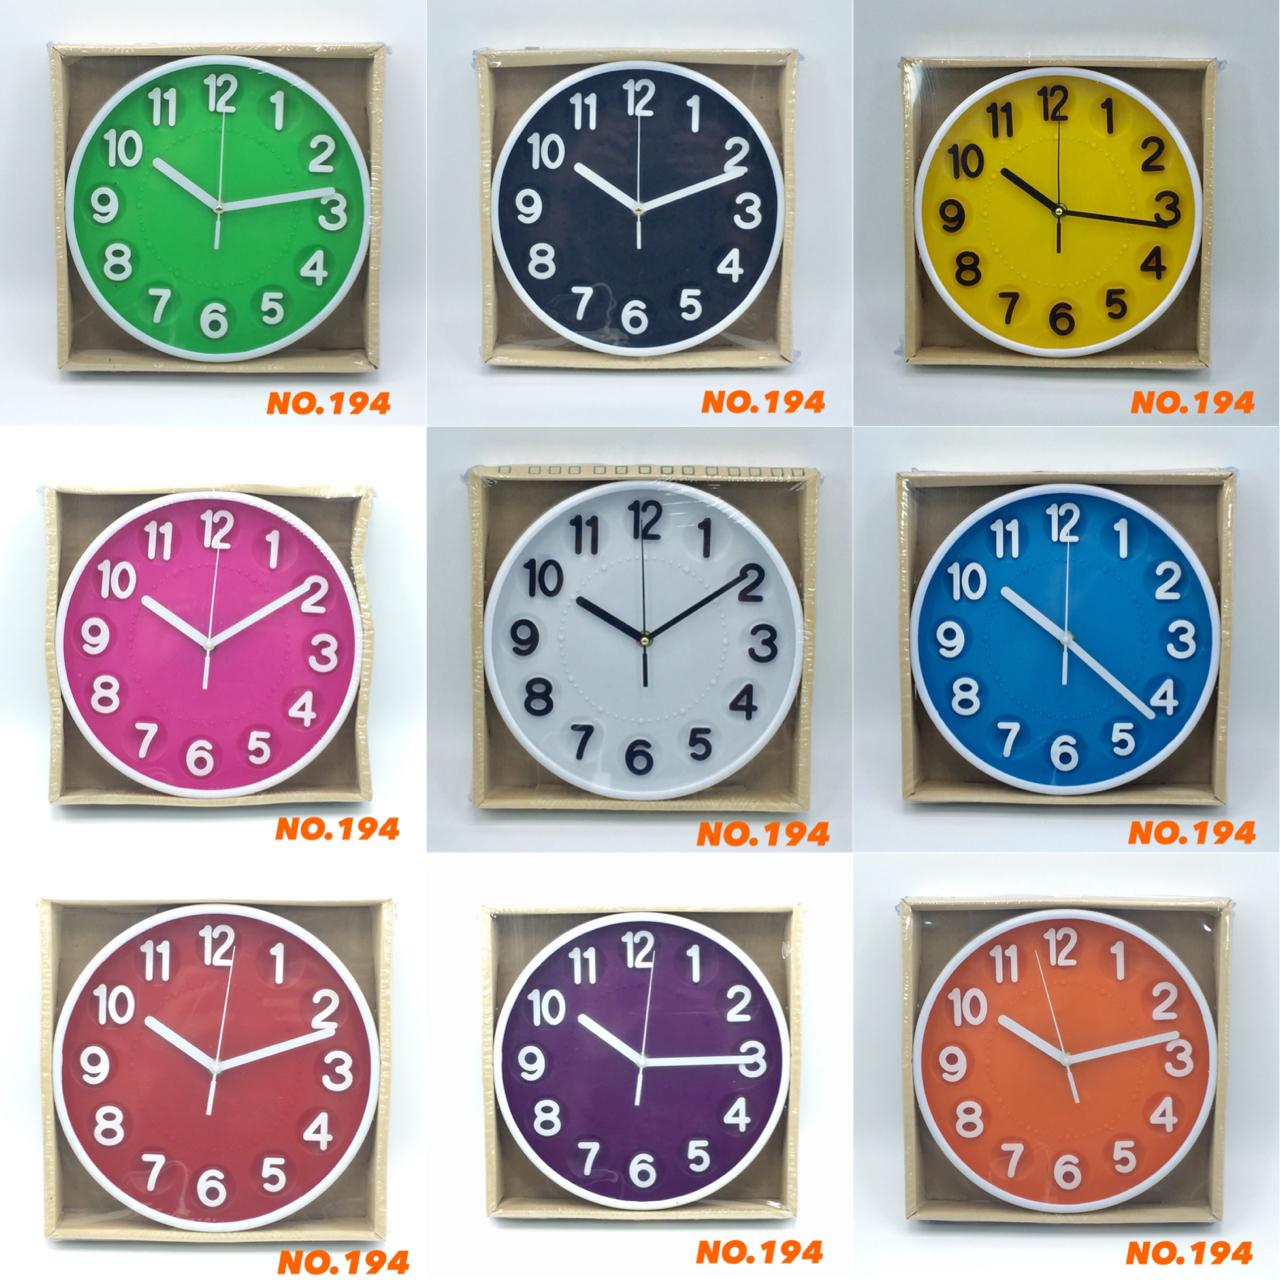 นาฬิกาแขวนผนัง รุ่น NO.194